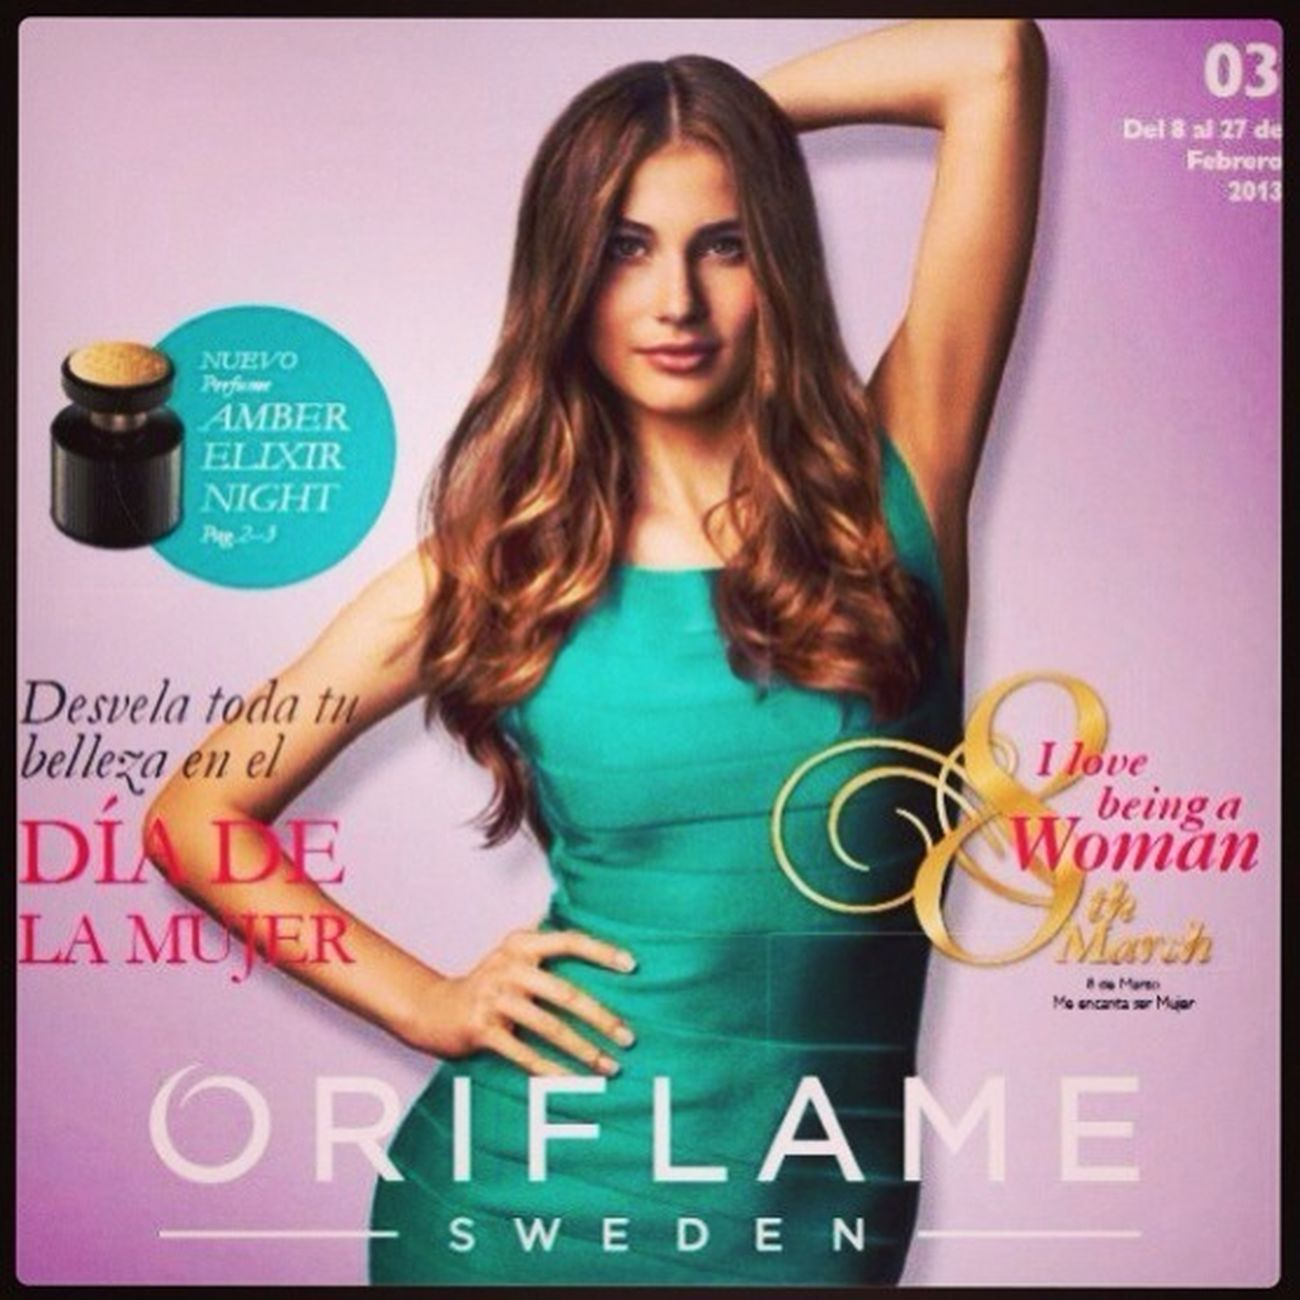 Házte cliente VIP de Oriflame y compres o vendas, siempre ganas. Belleza e higiene corporal. Te informo sin compromiso 620-164-600